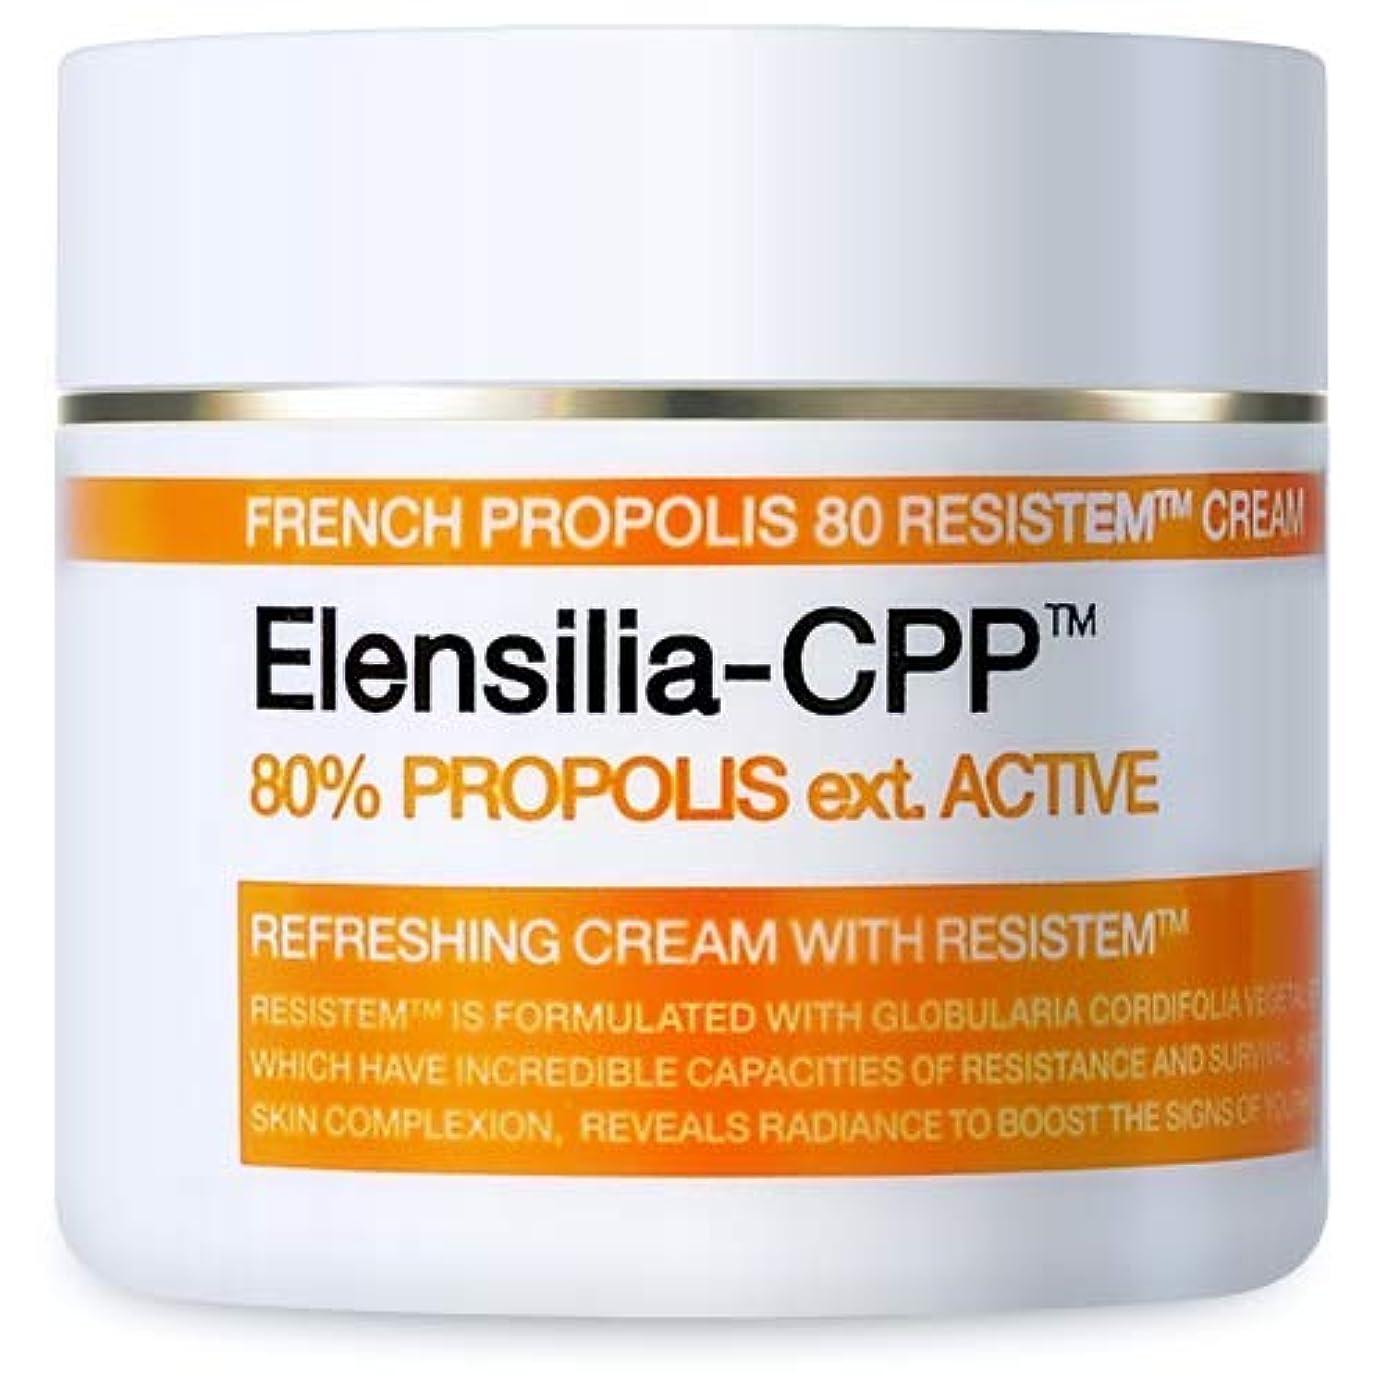 ナインへ地質学コーンウォールElensilia CPP フレンチ プロポリス 80 リシステム クリーム / CPP French Propolis 80 Resistem Cream (50g) [並行輸入品]